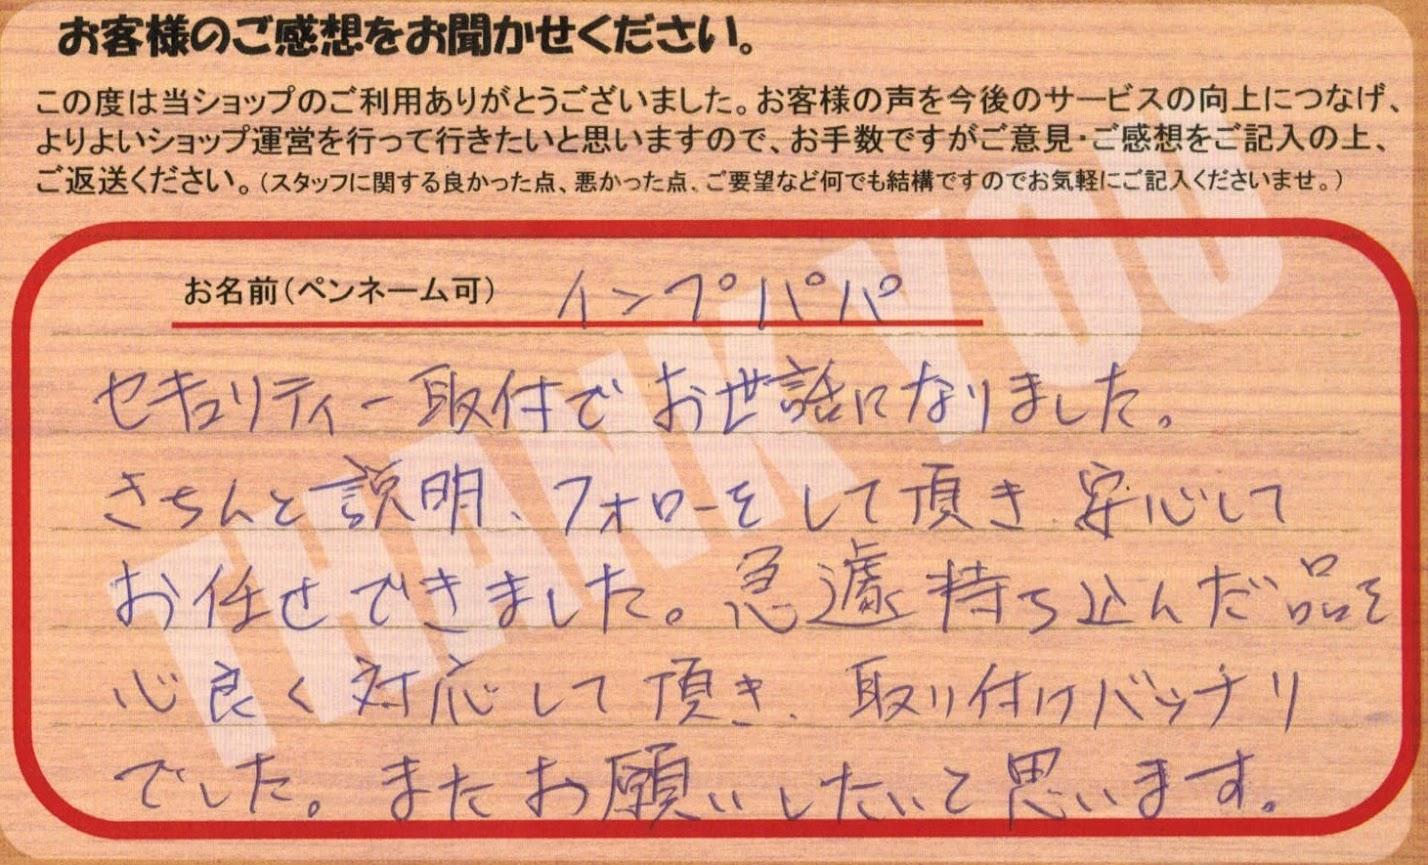 ビーパックスへのクチコミ/お客様の声:インプパパ 様(埼玉県さいたま市)/スバル インプレッサ